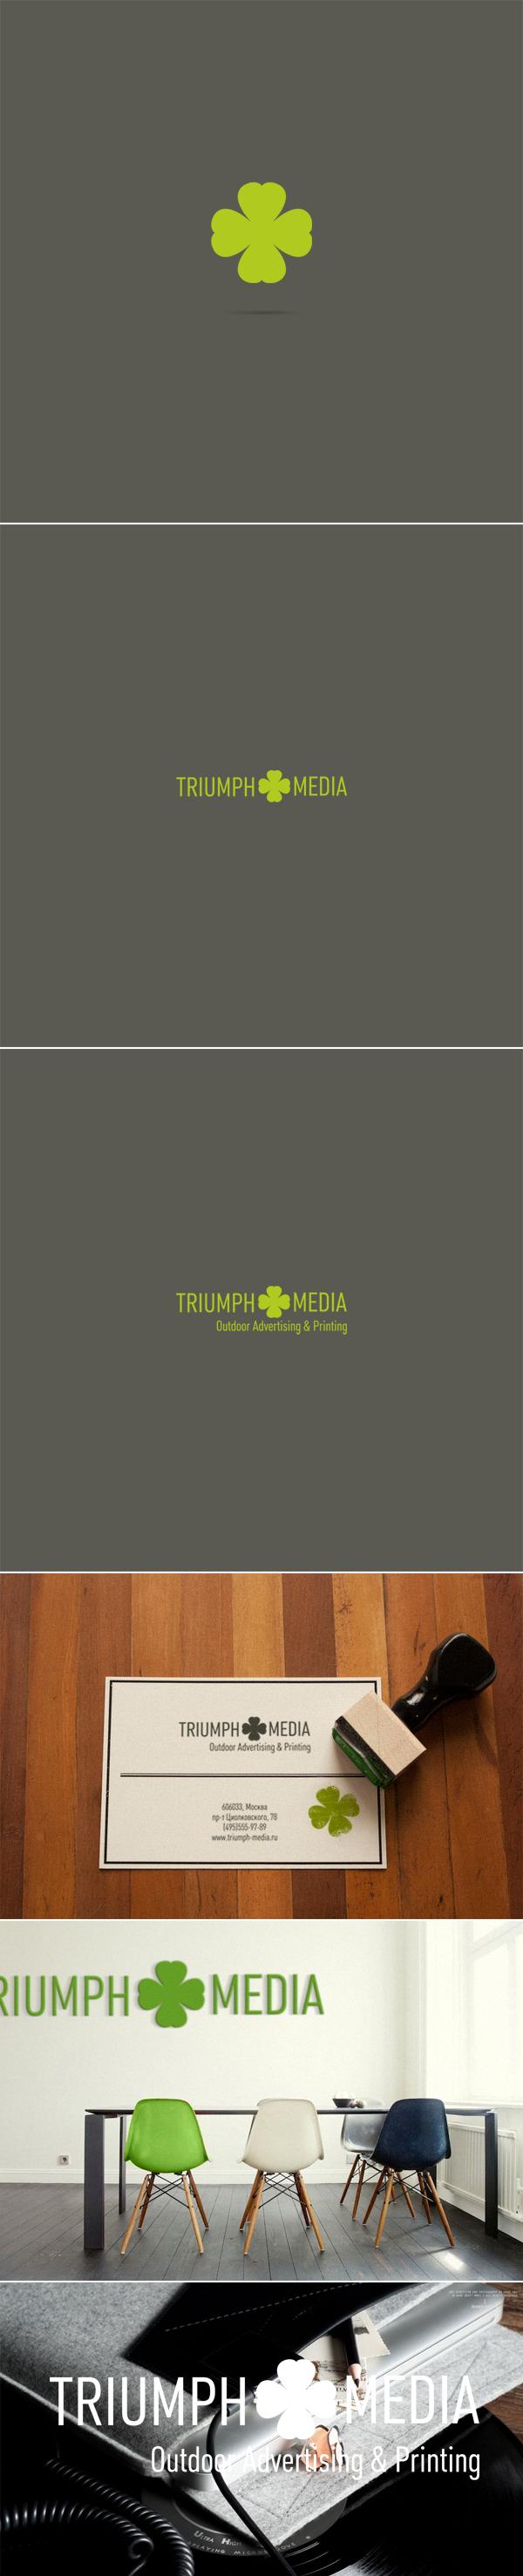 Разработка логотипа  TRIUMPH MEDIA с изображением клевера фото f_50730a6694b46.jpg